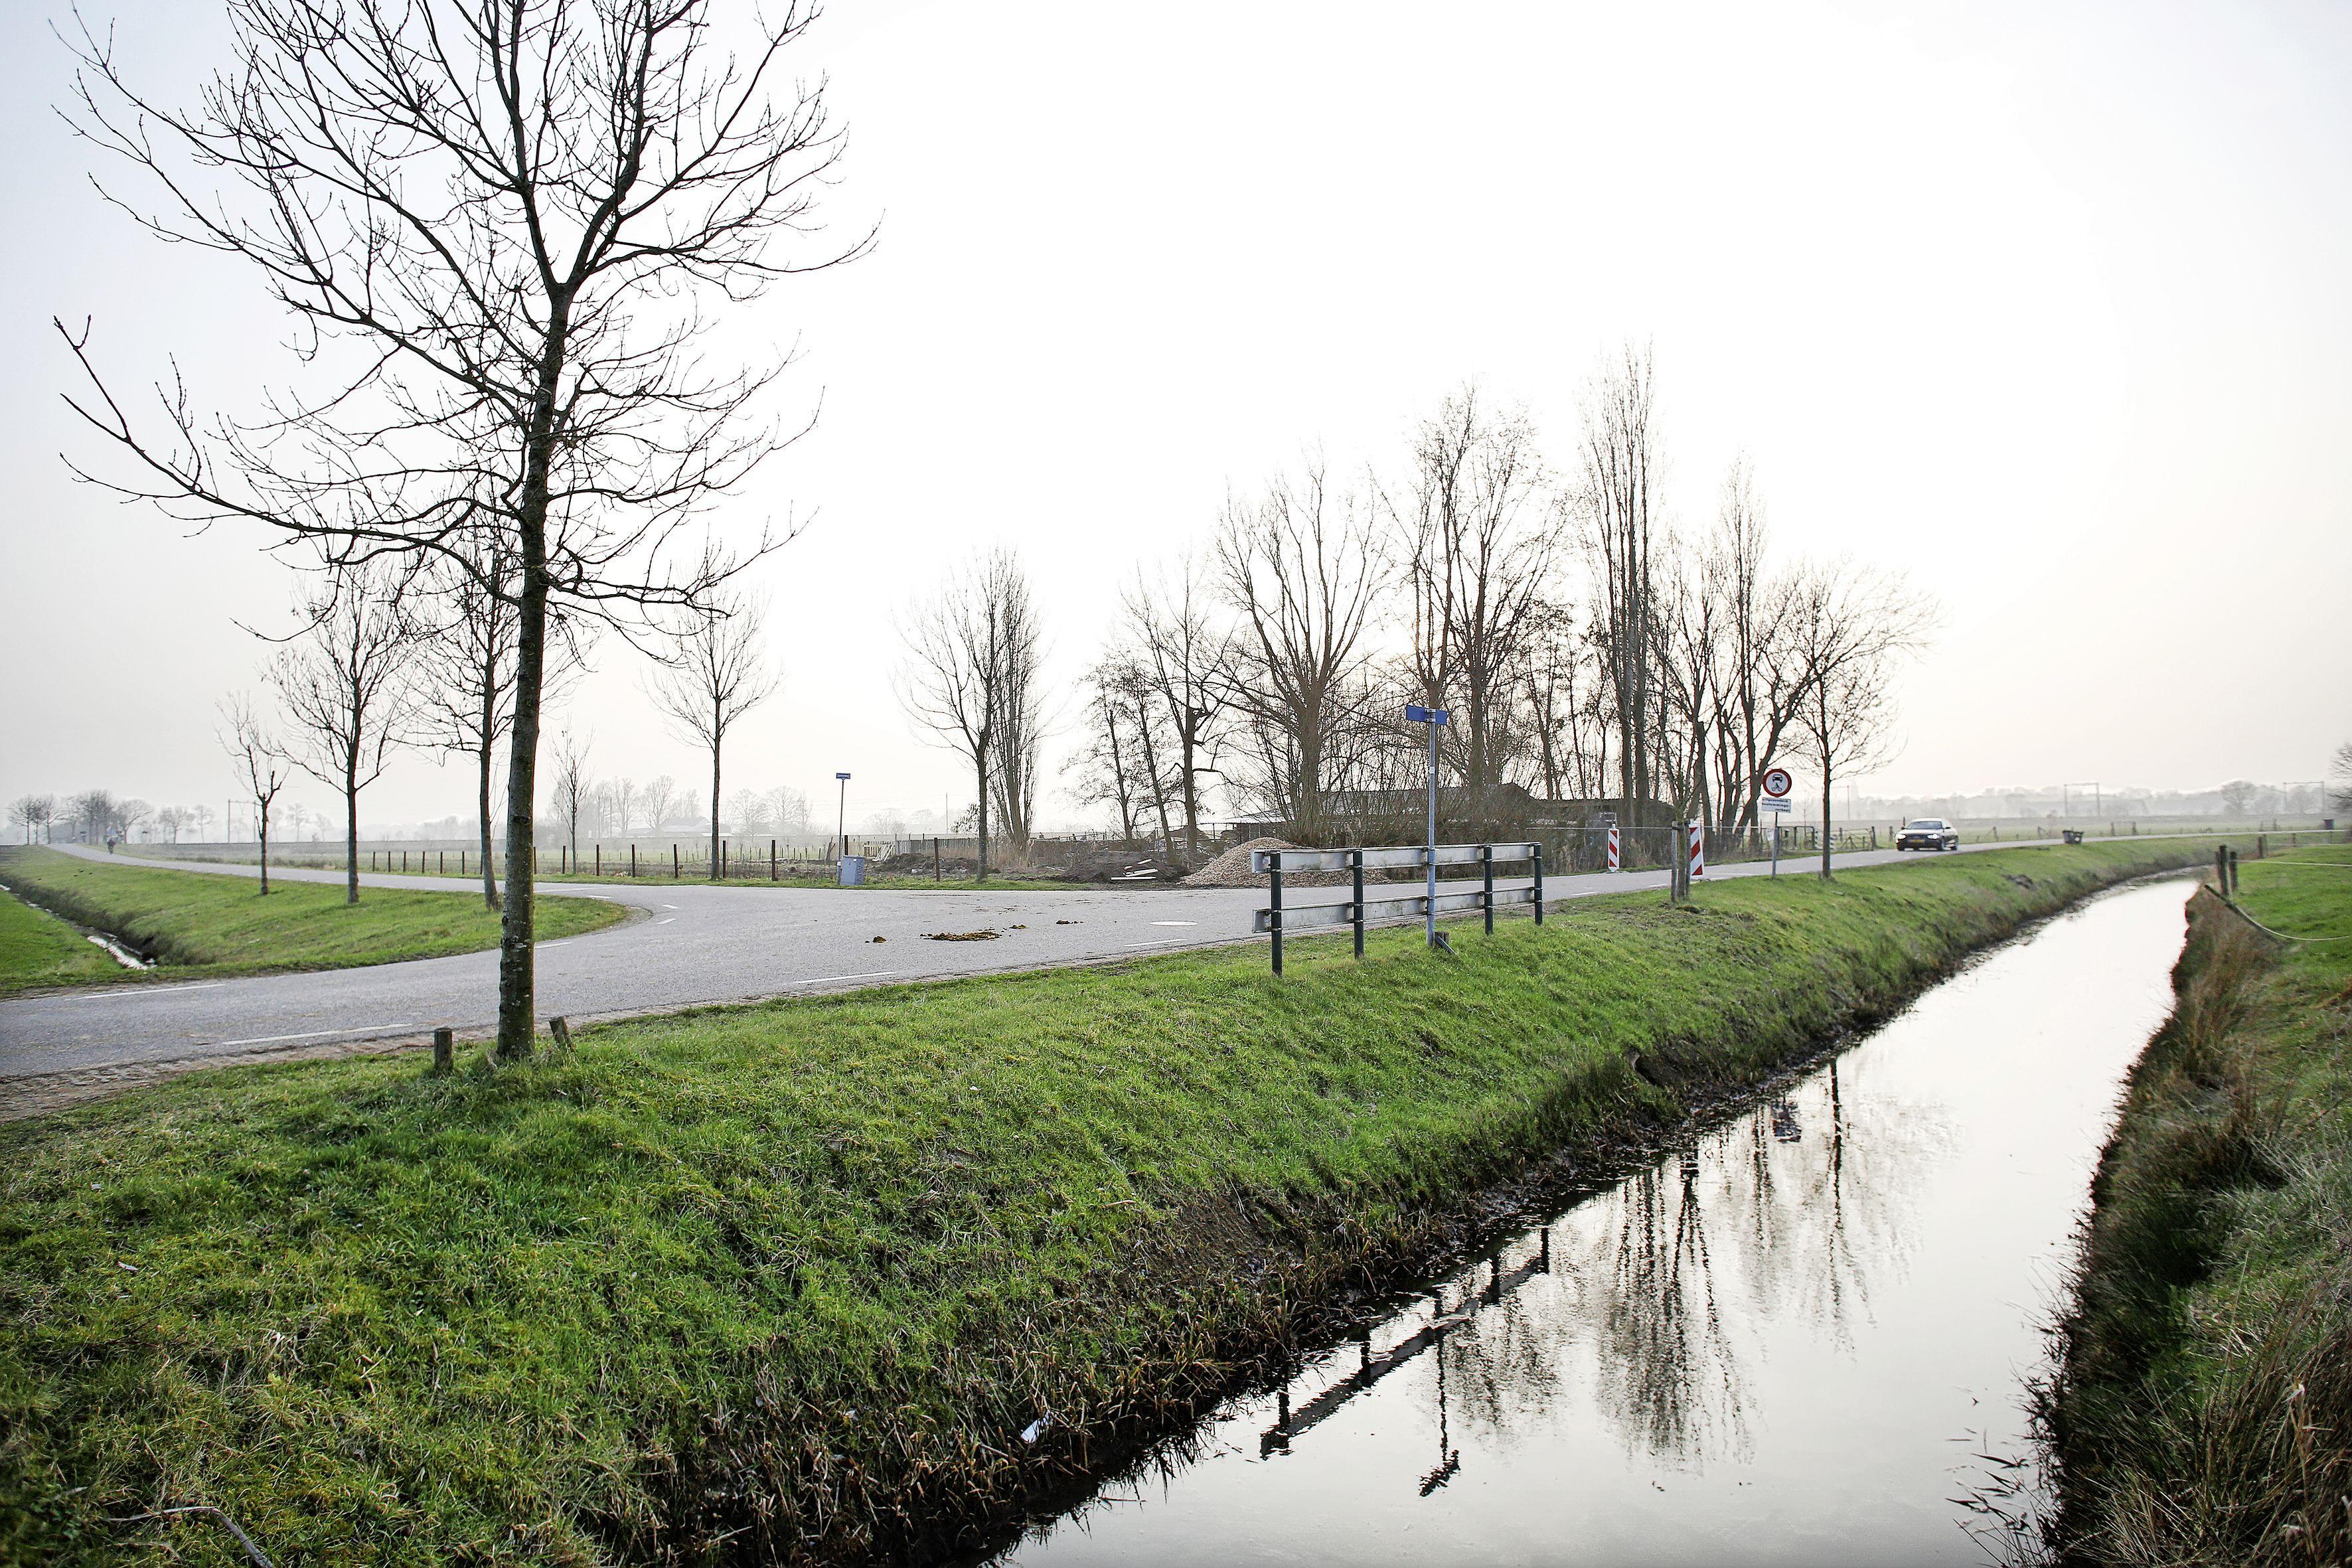 Stiekem sluipen door de Soester polder? De pakkans blijft nihil; Wethouder wil nog wel af en toe controleren, maar de burgemeester heeft andere prioriteiten